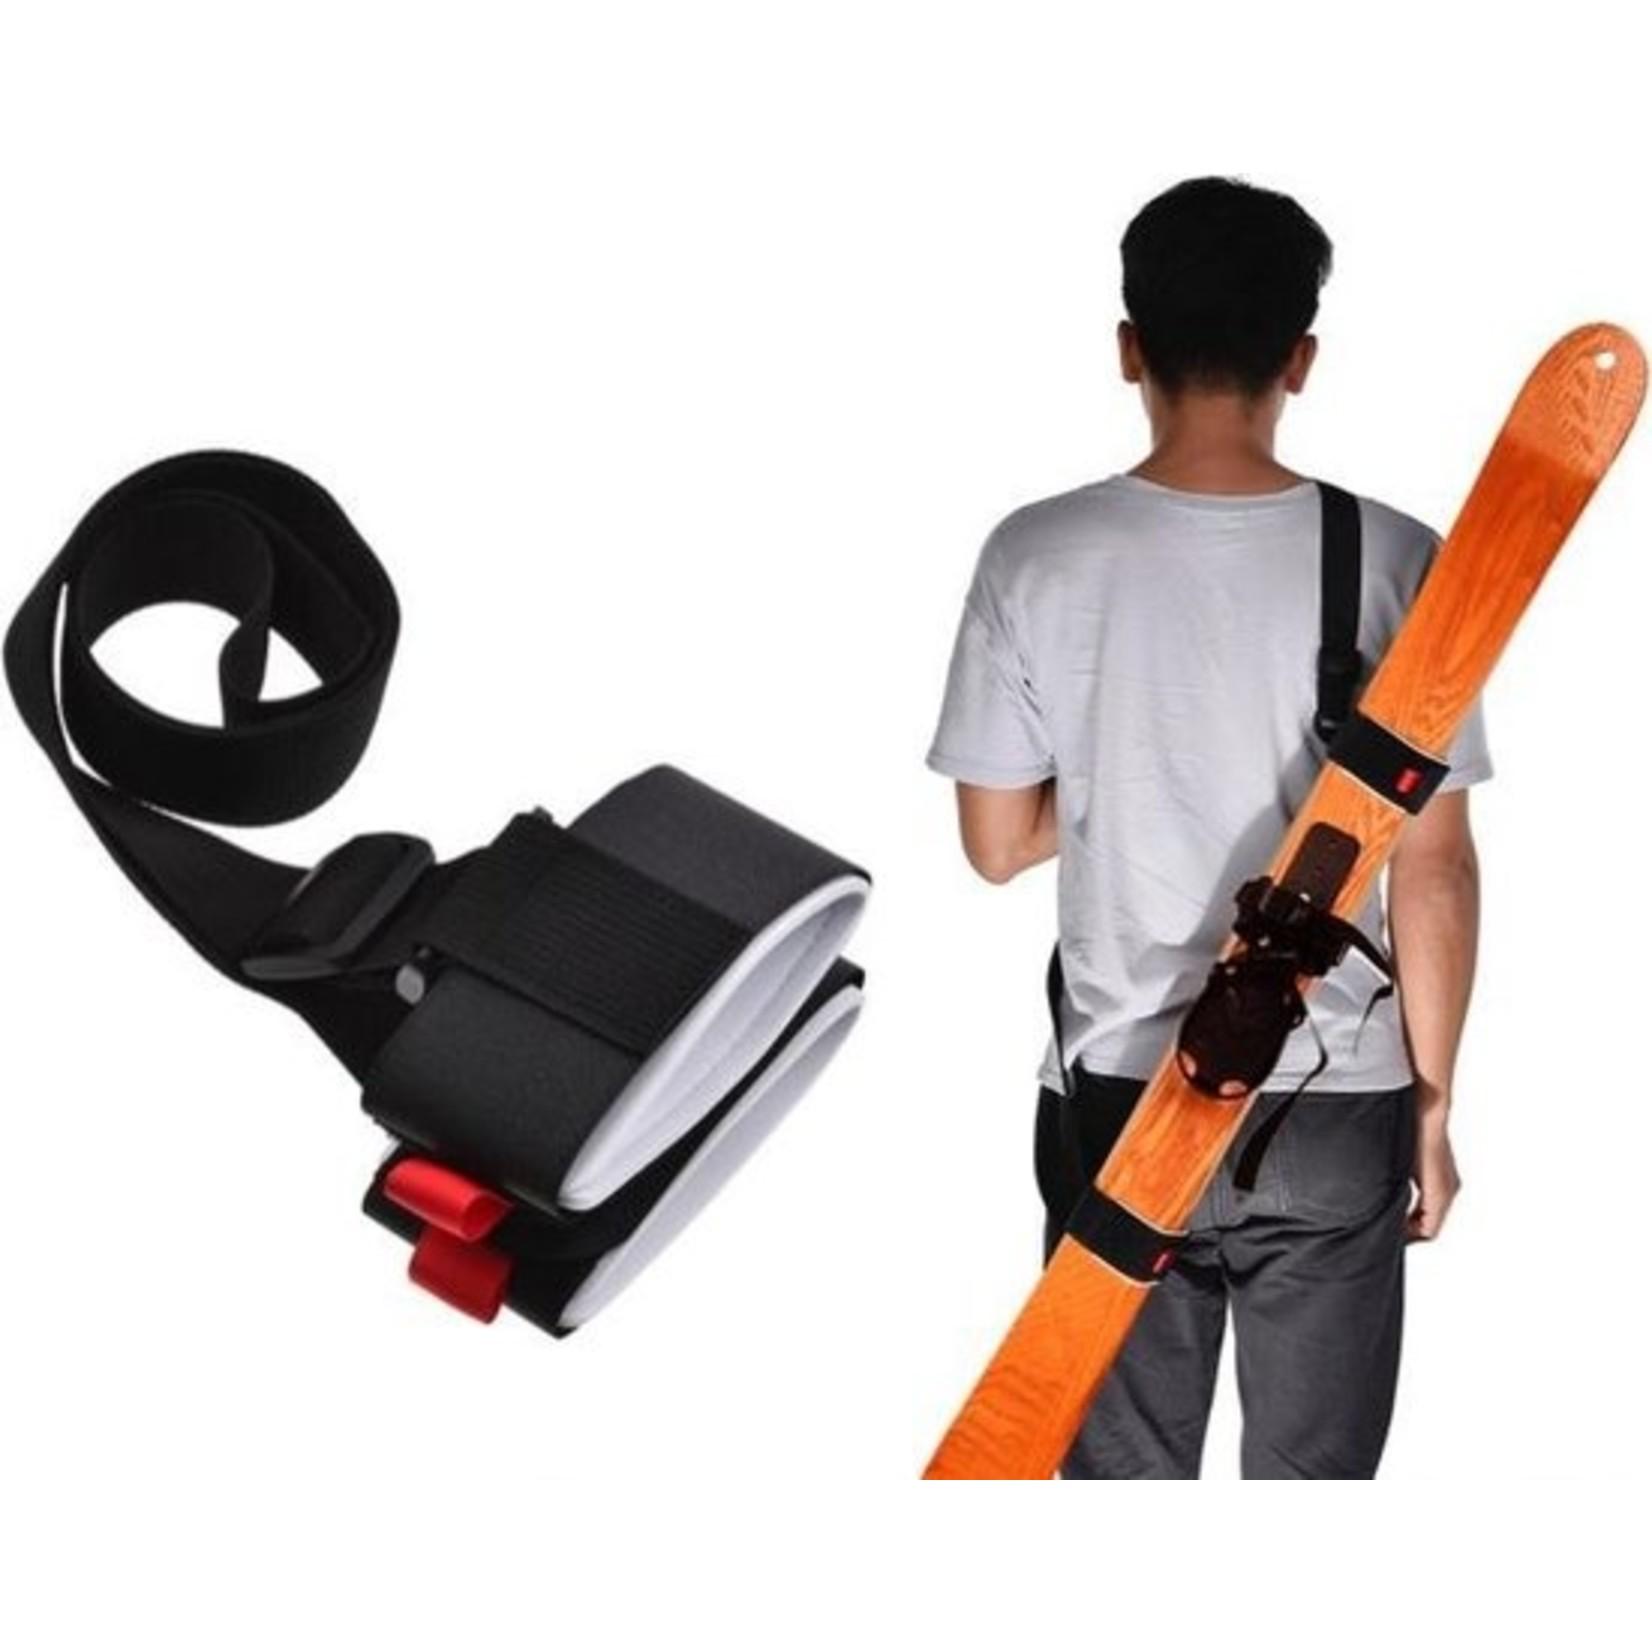 Jobber Ski Jobber Sports - Ski draagband verstelbaar